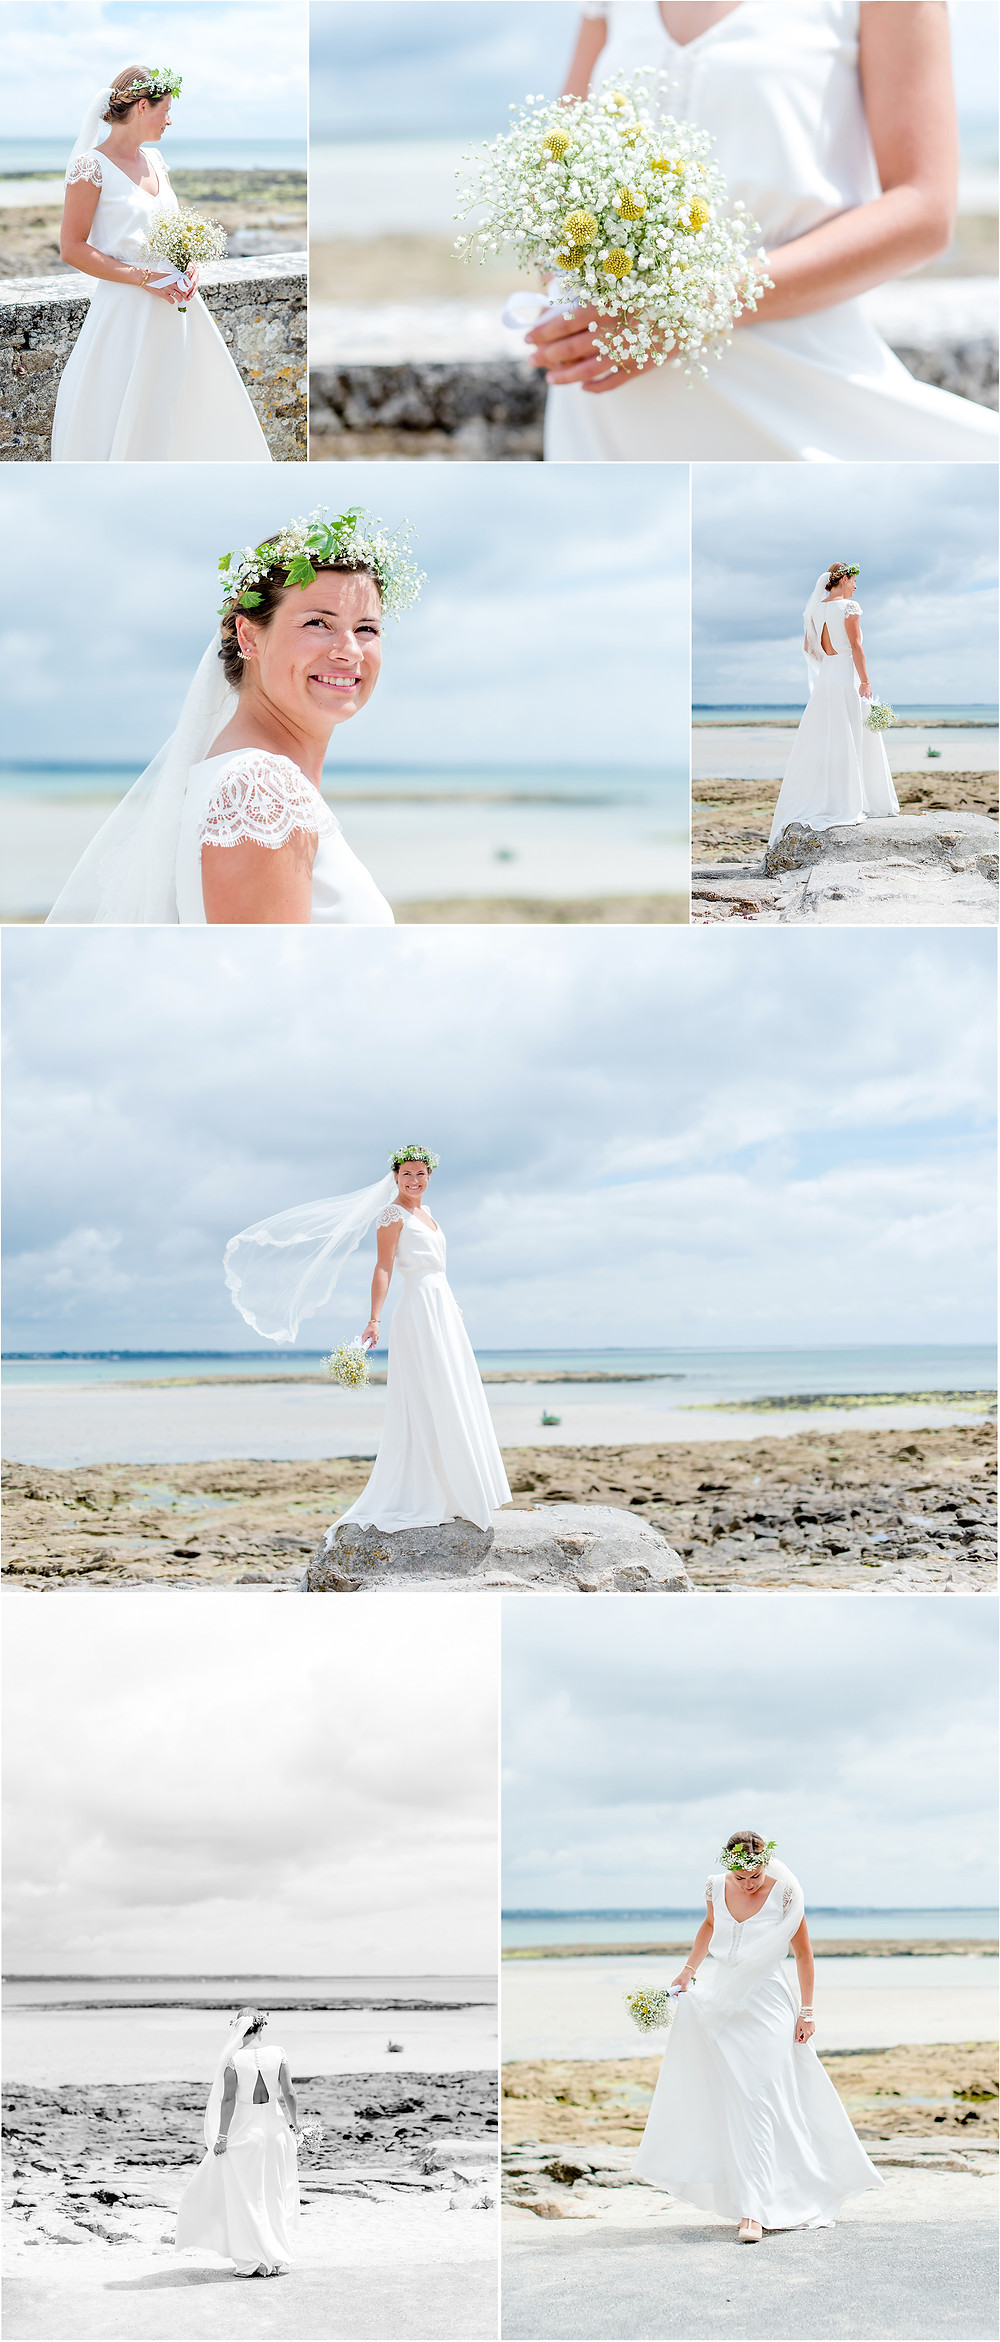 Mariage àl'Ile Tudy - Manoir de Kérouzien - photos mariée - Brigitte Delibes Photographie - Photographe Mariage Nantes